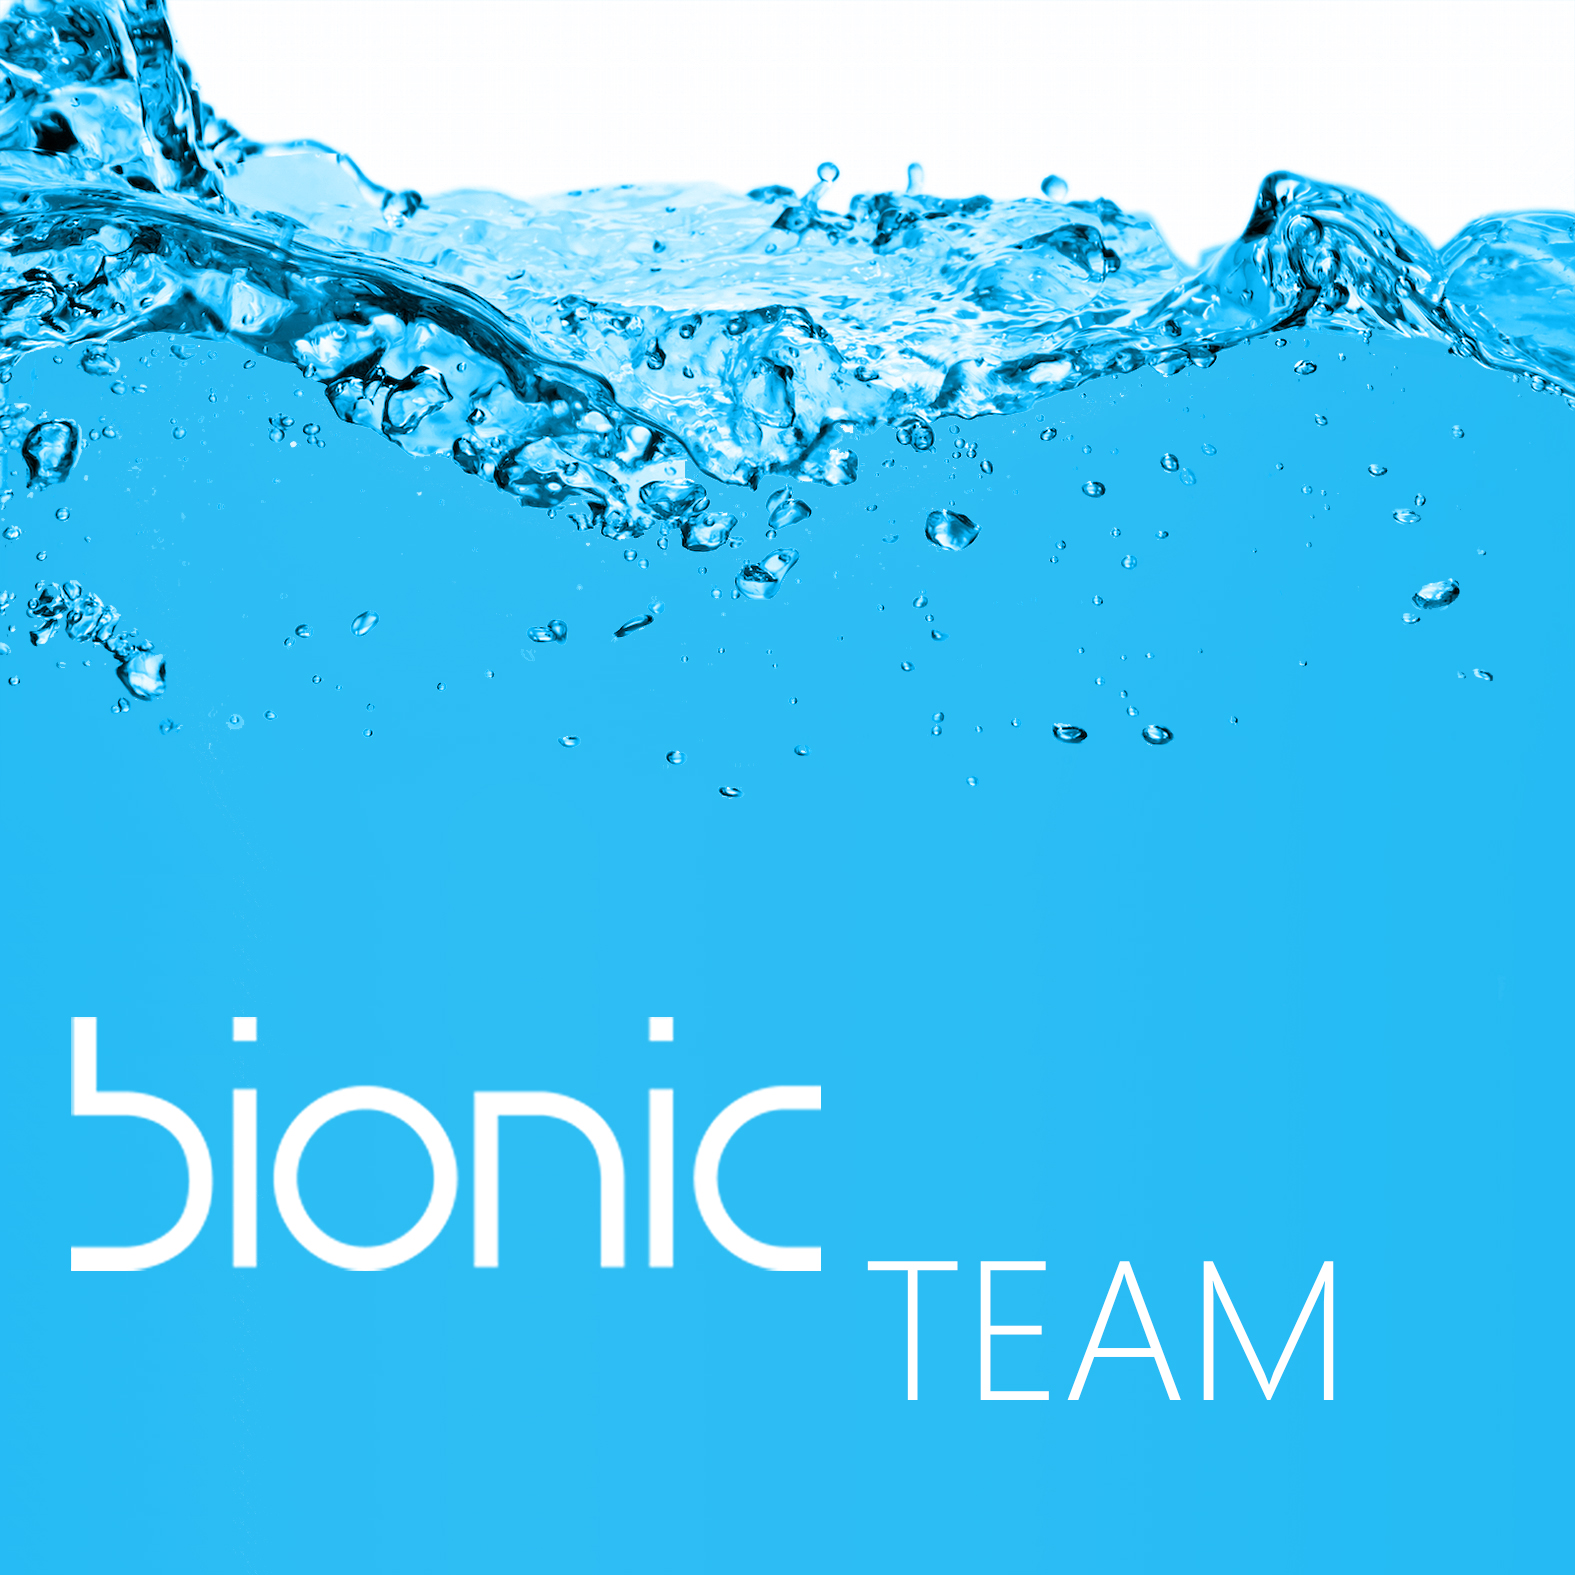 RBD - BionicTeam Logo.jpg